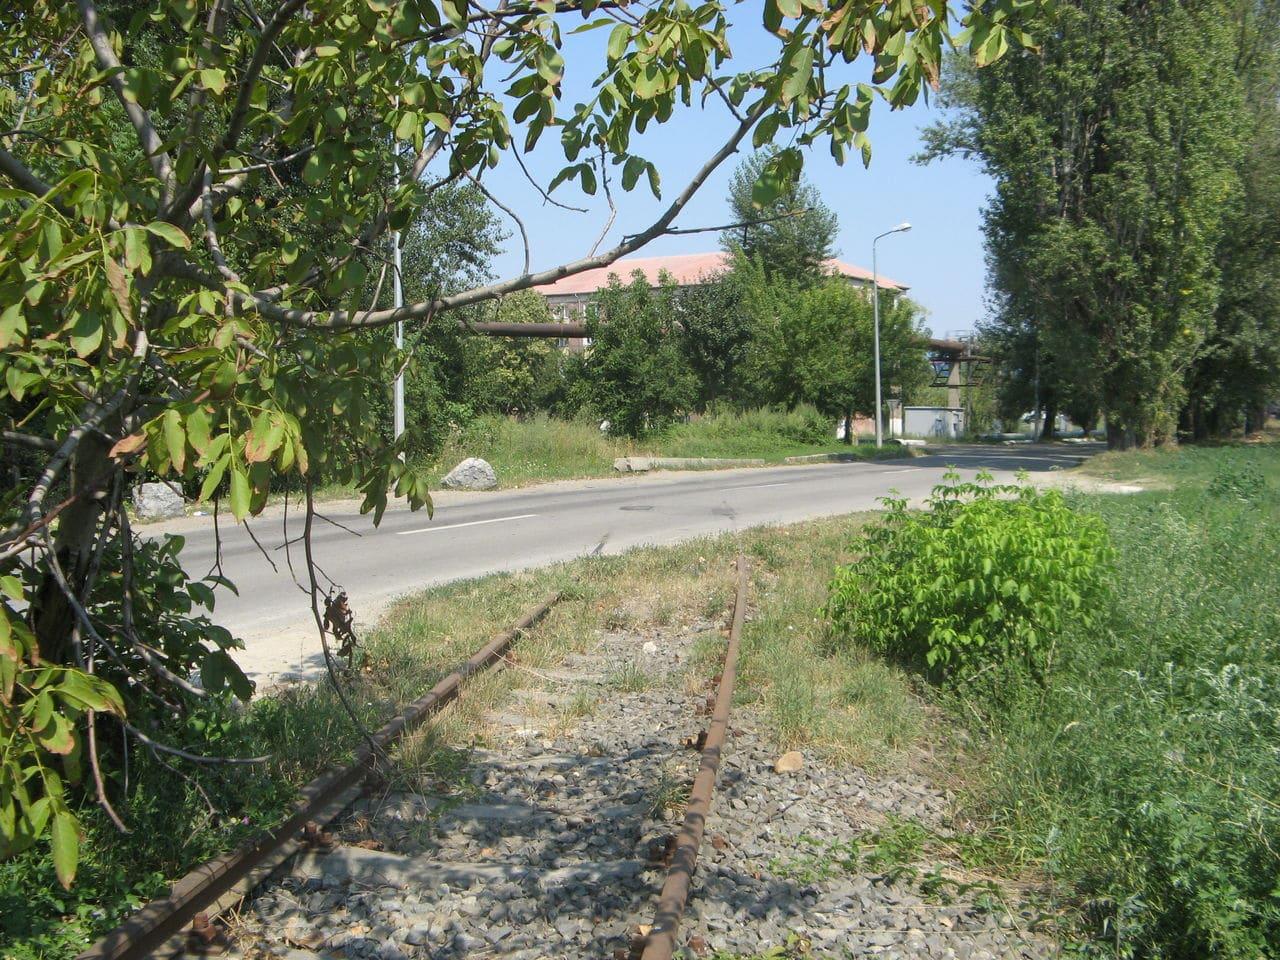 Calea ferată directă Oradea Vest - Episcopia Bihor IMG_0037